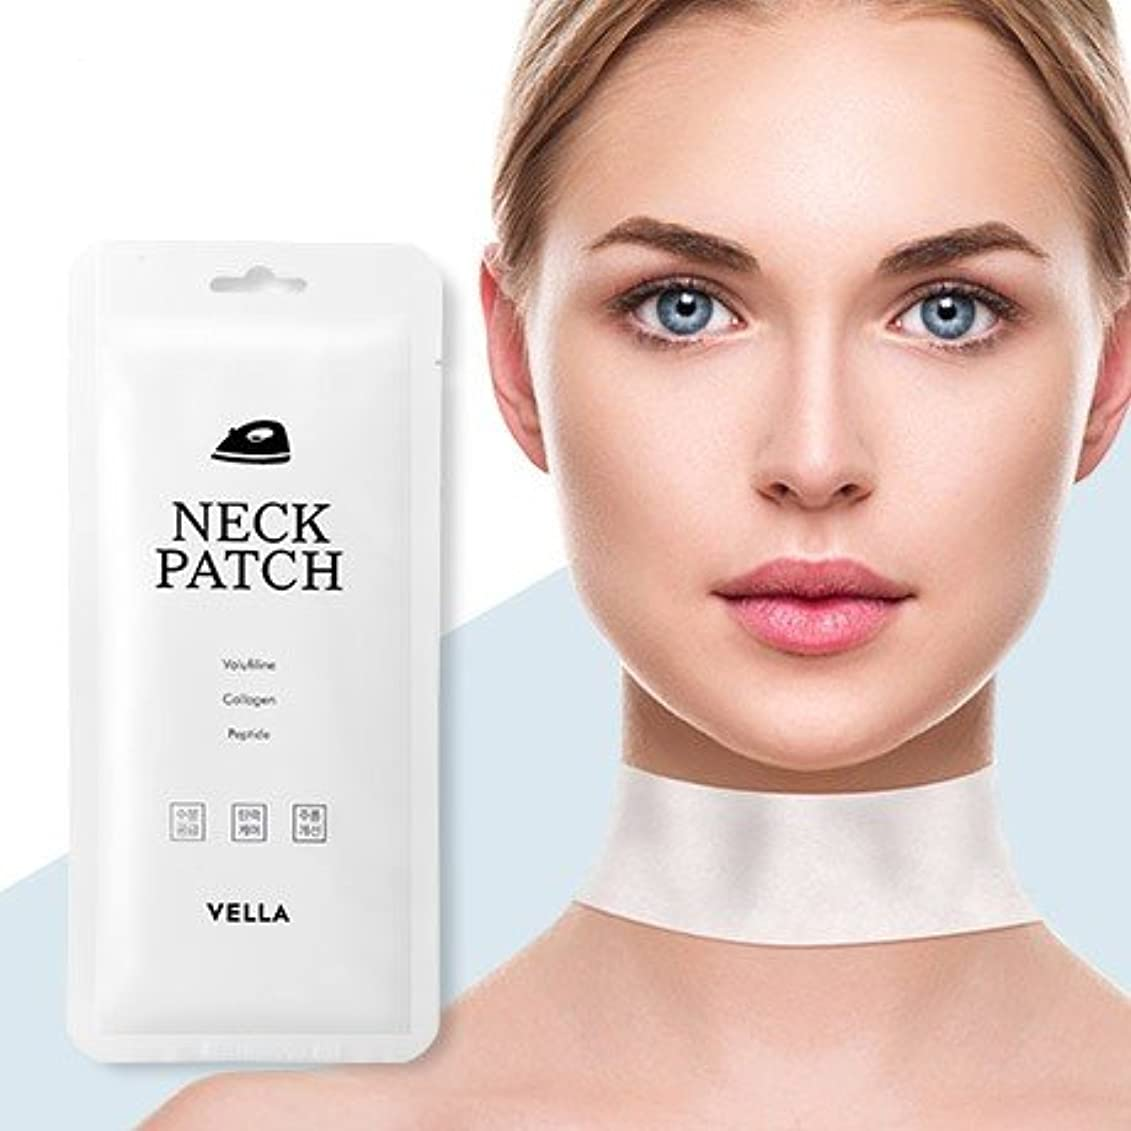 売上高雇った詩人Vella Neck Patch 5Pcs/Neck Wrinkle Care/Korea Cosmetics